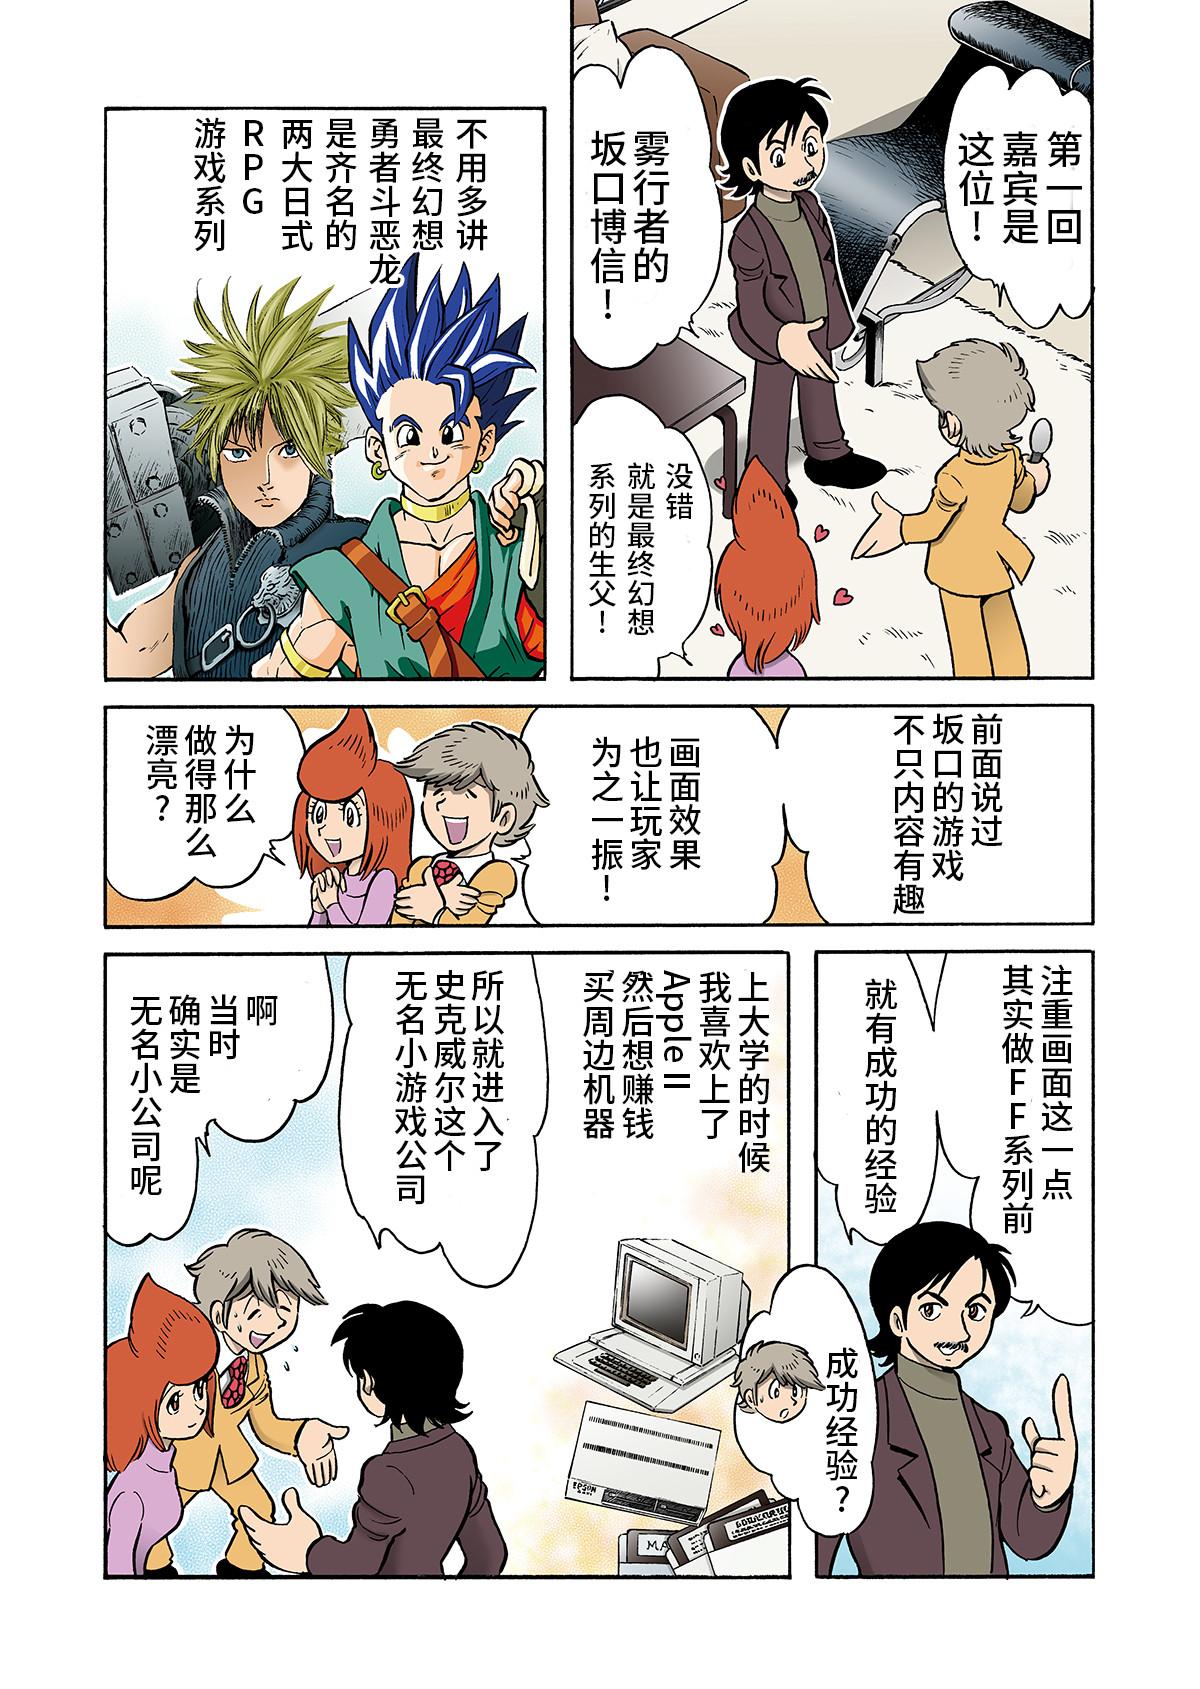 """【漫画游戏史】敢与""""龙头""""争高下,""""最终幻想""""系列的来历 ——《都是年少轻狂 ~游戏创作者的青春~》 图片5"""